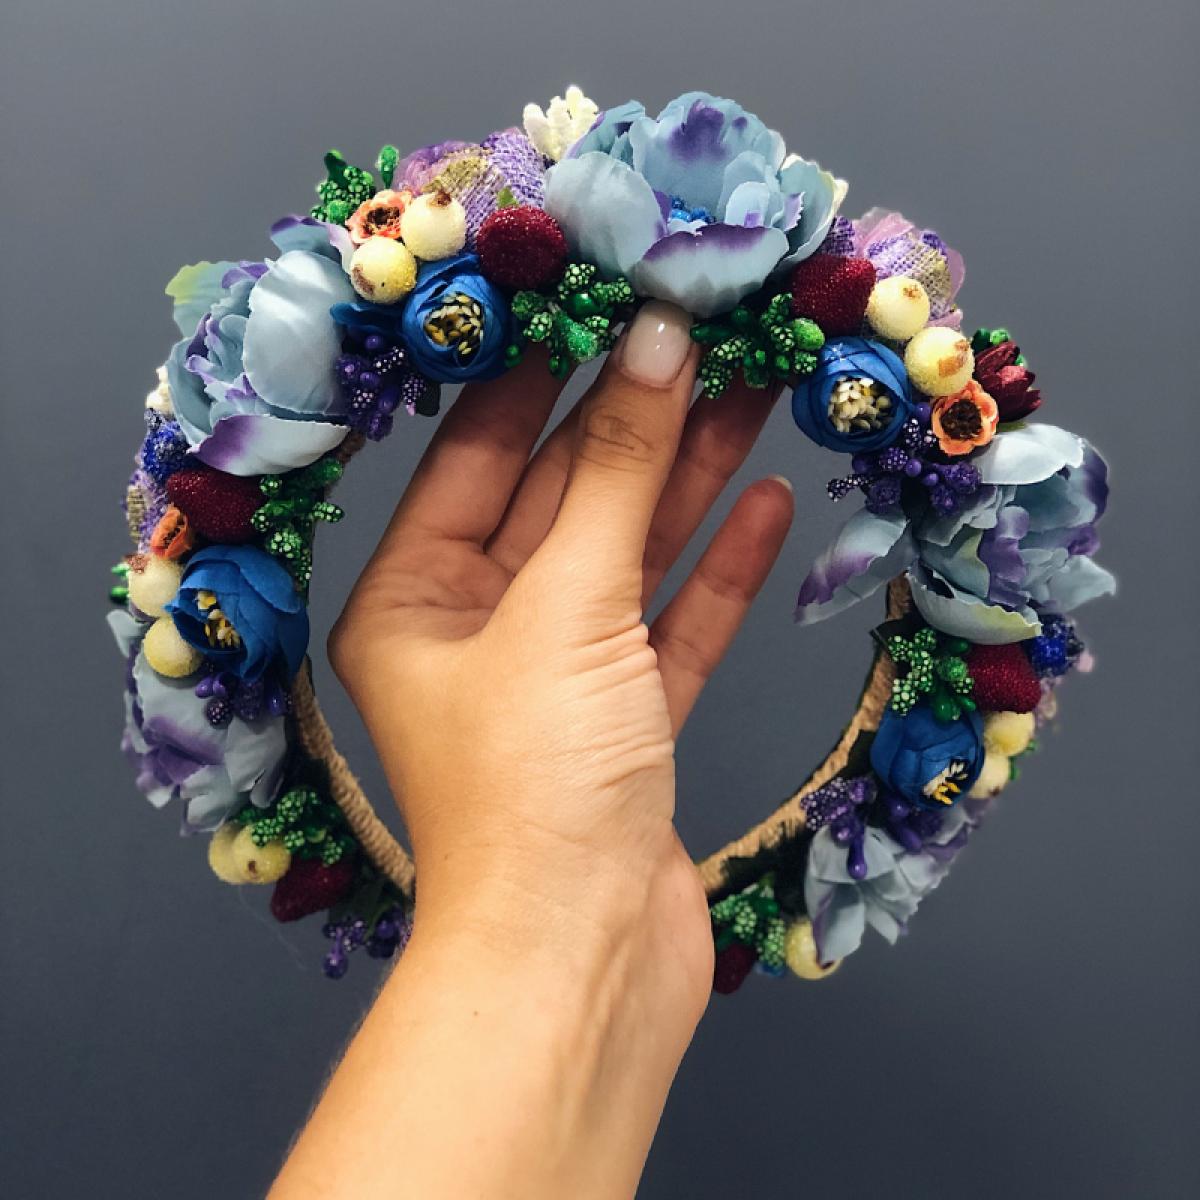 Веночек с голубыми, белыми и сиреневыми цветами